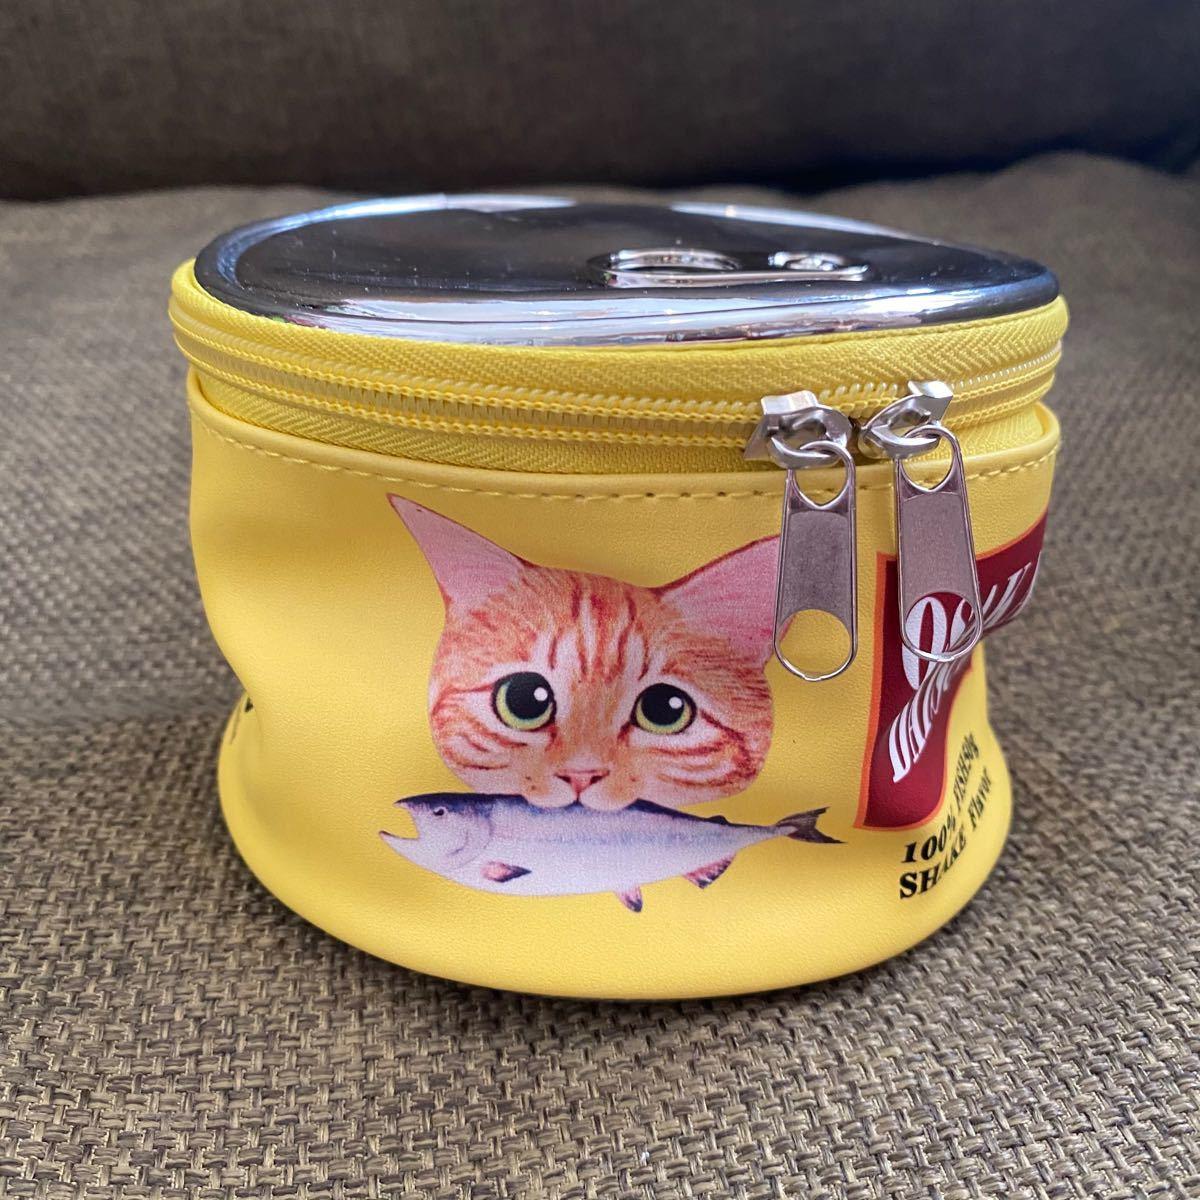 猫缶 ポーチ イエロー 缶詰モチーフ ラウンド 化粧ポーチ 猫グッズ 大人気 猫柄 コスメポーチ 化粧品収納